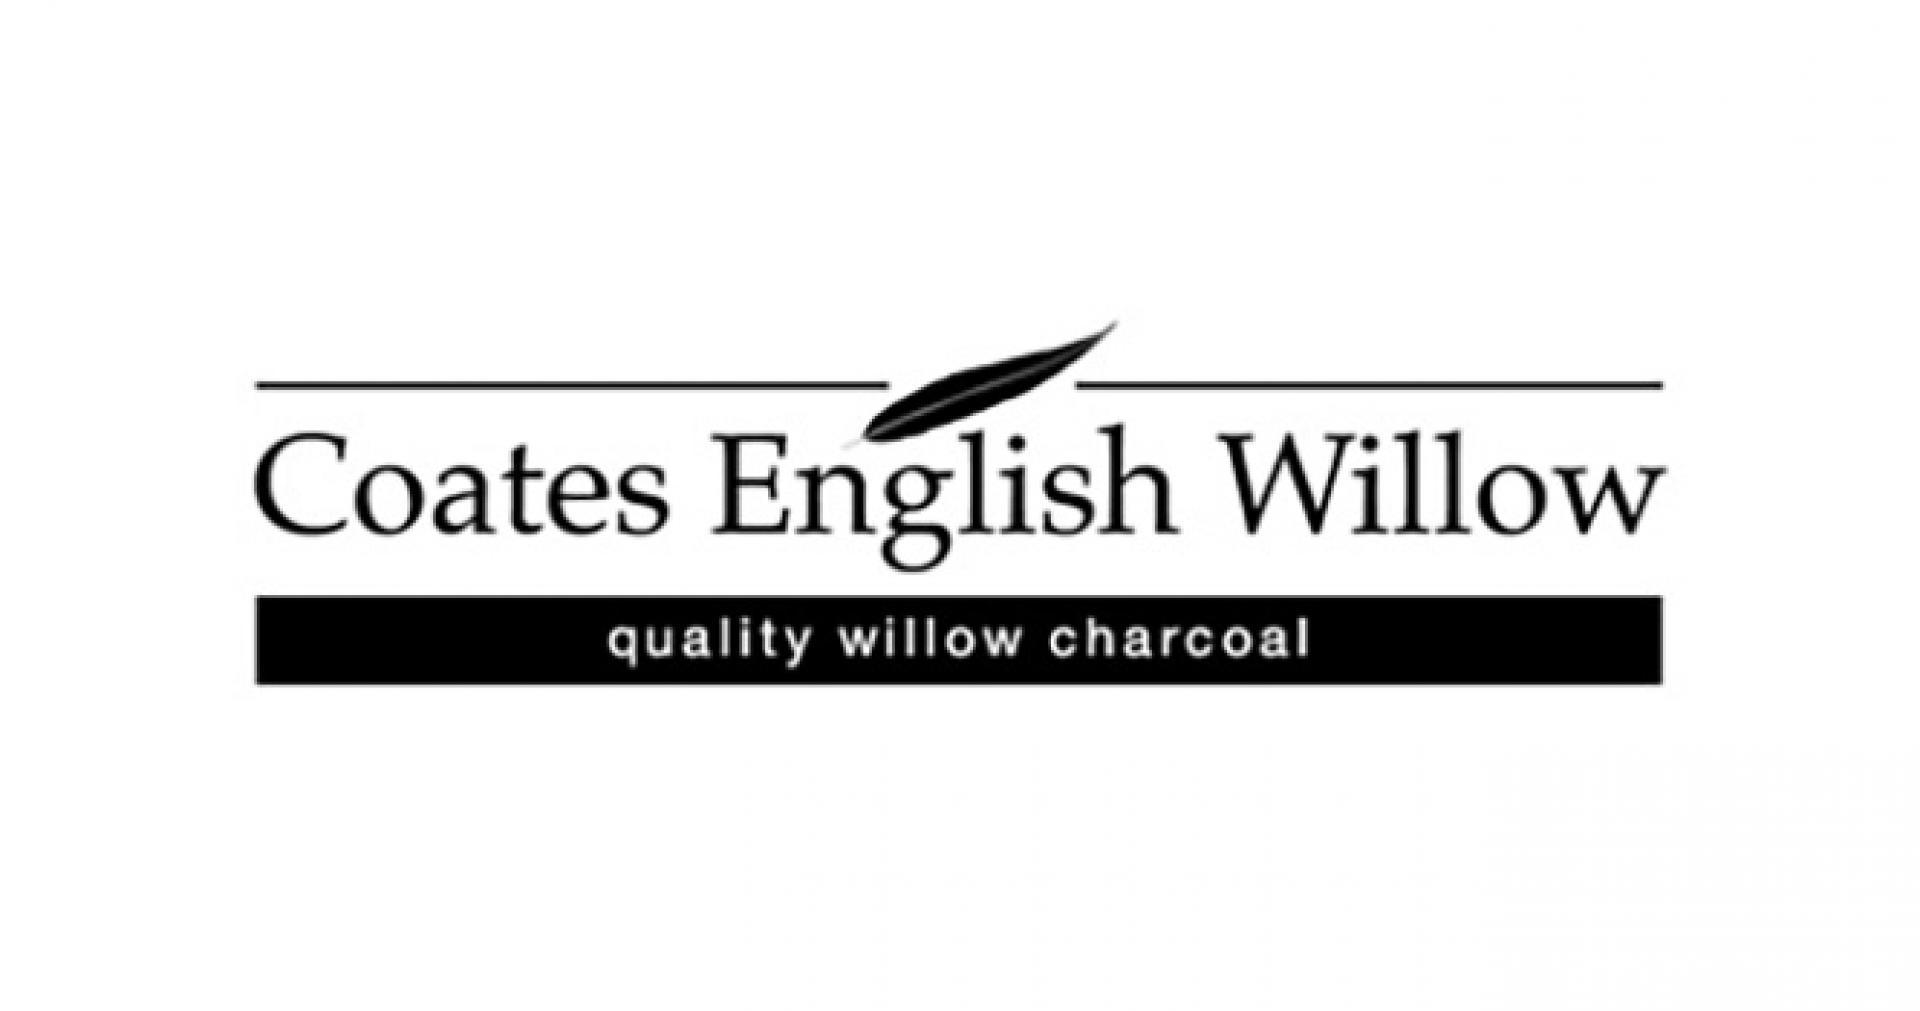 Coates Charcoal